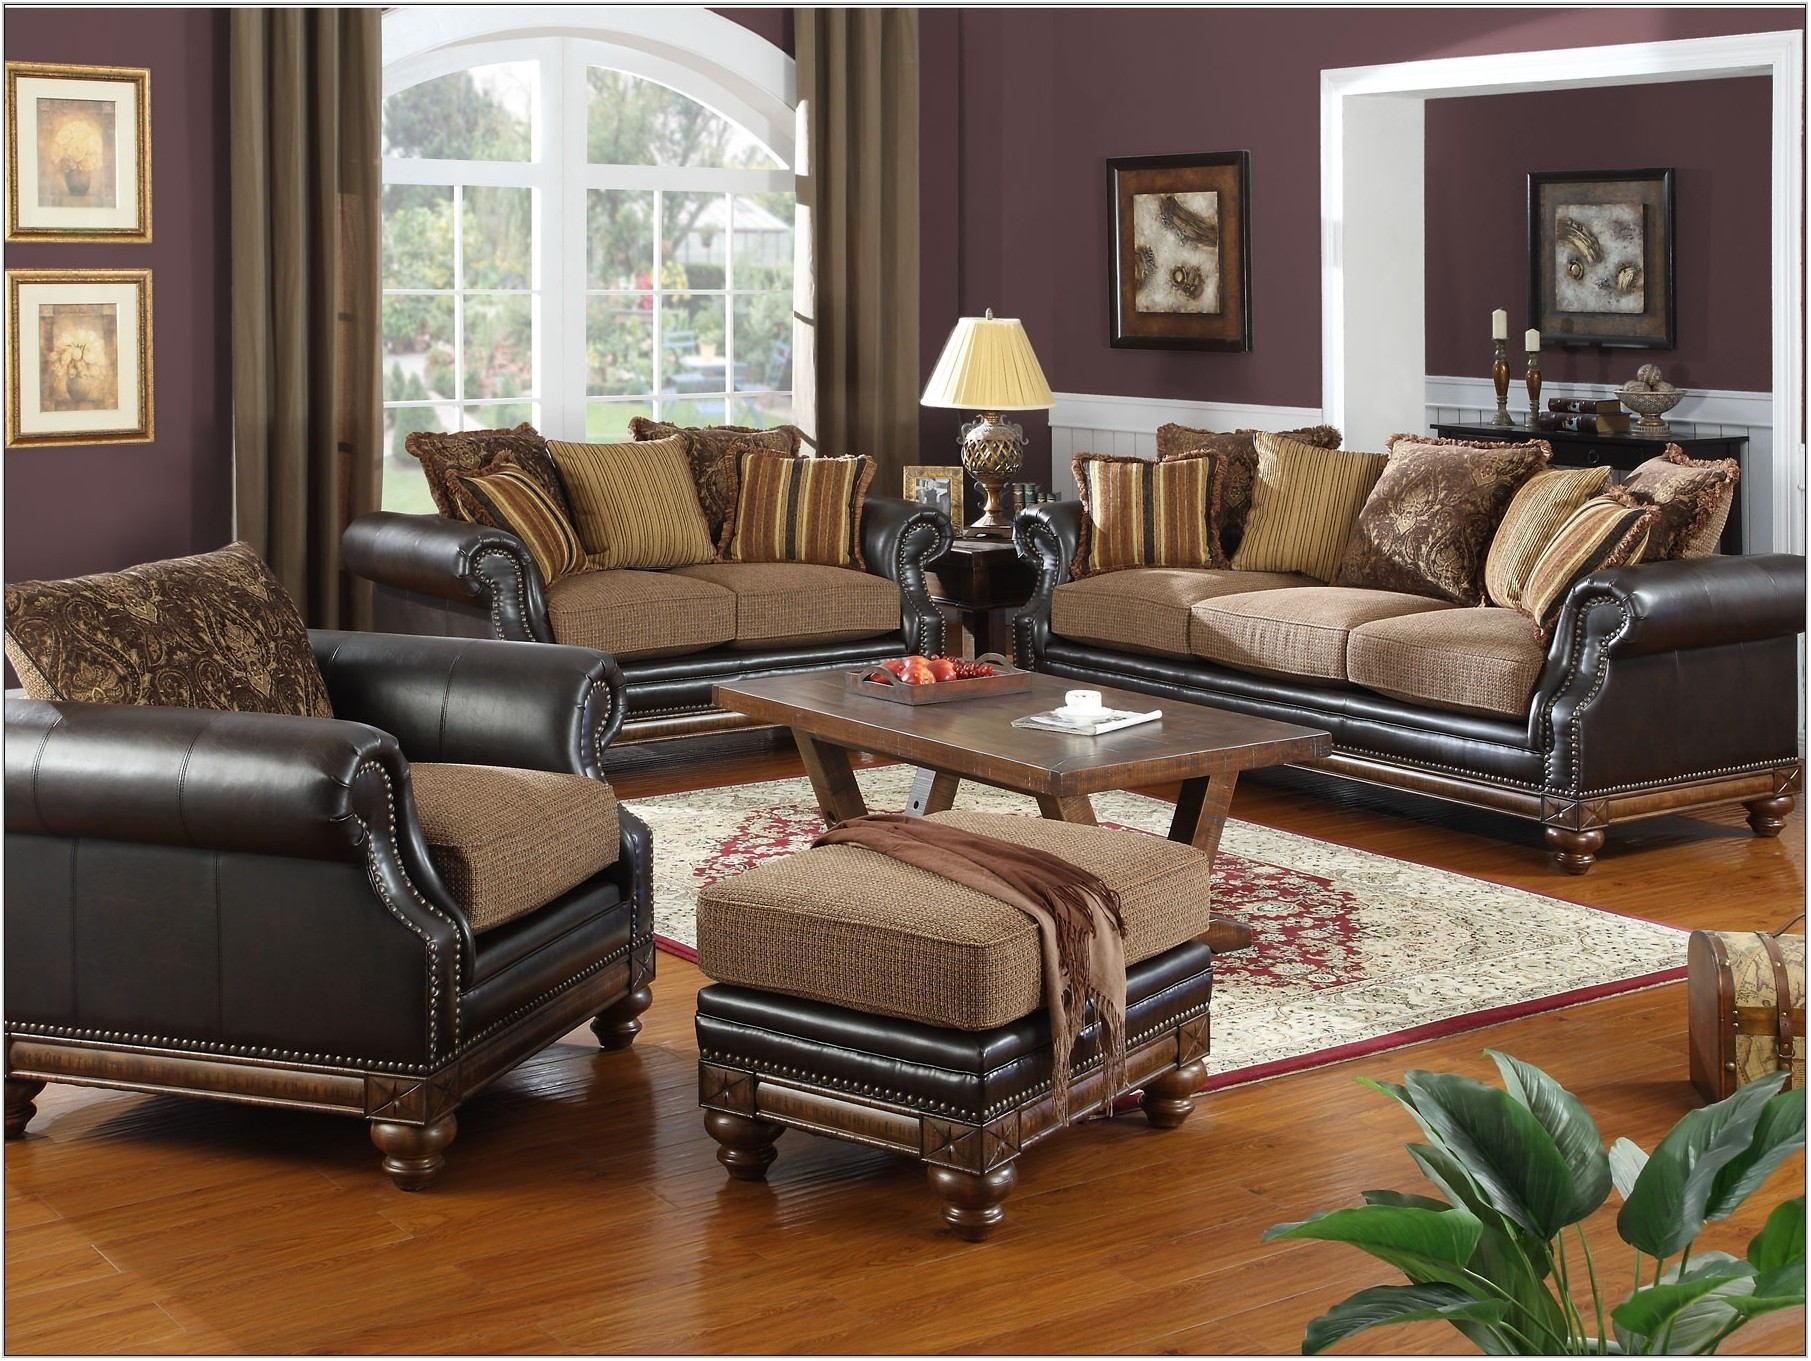 Big Lots Living Room Decor